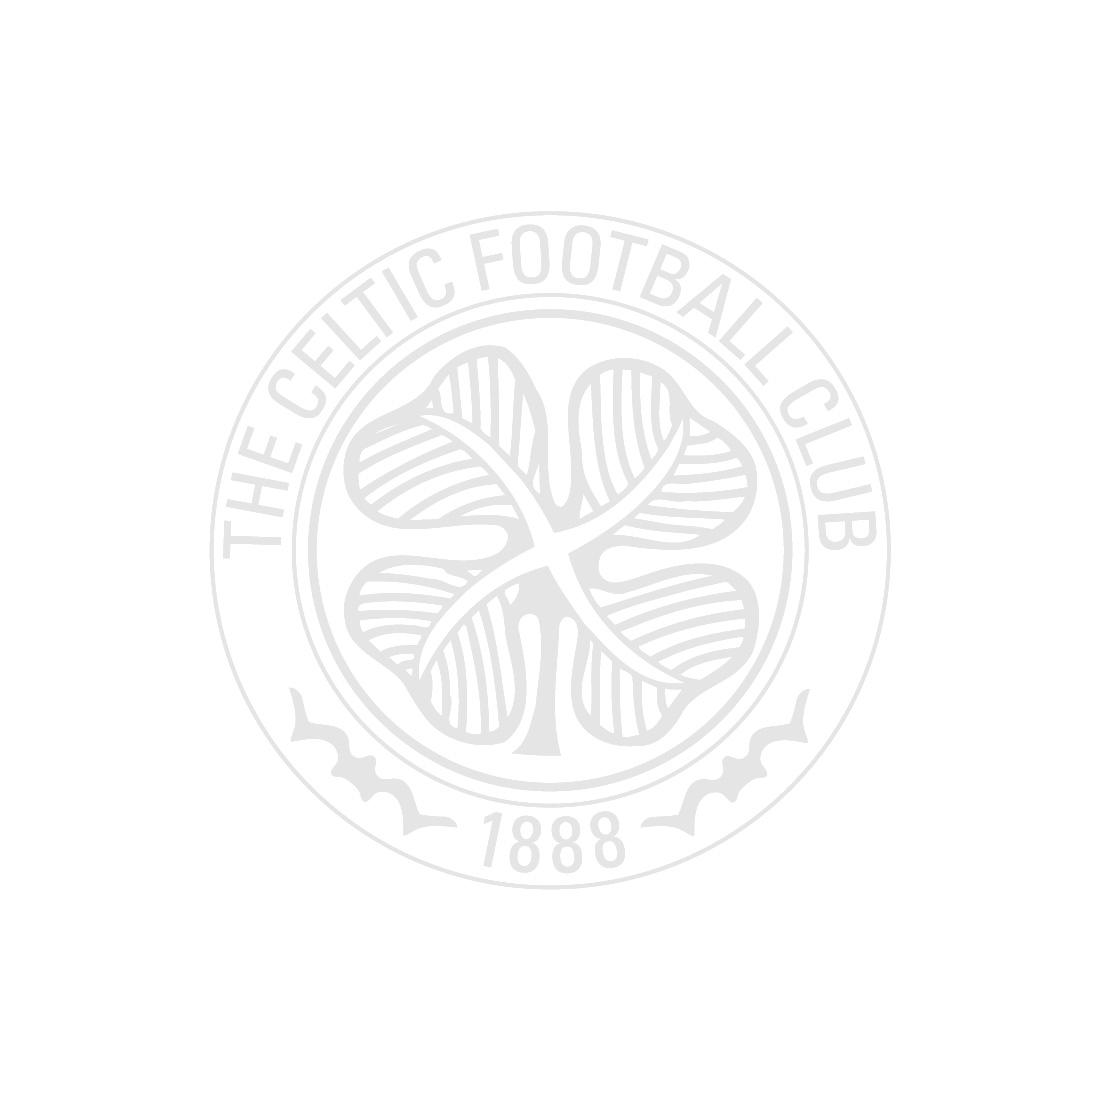 Celtic Mens 2021/22 Home Shirt with No Sponsor